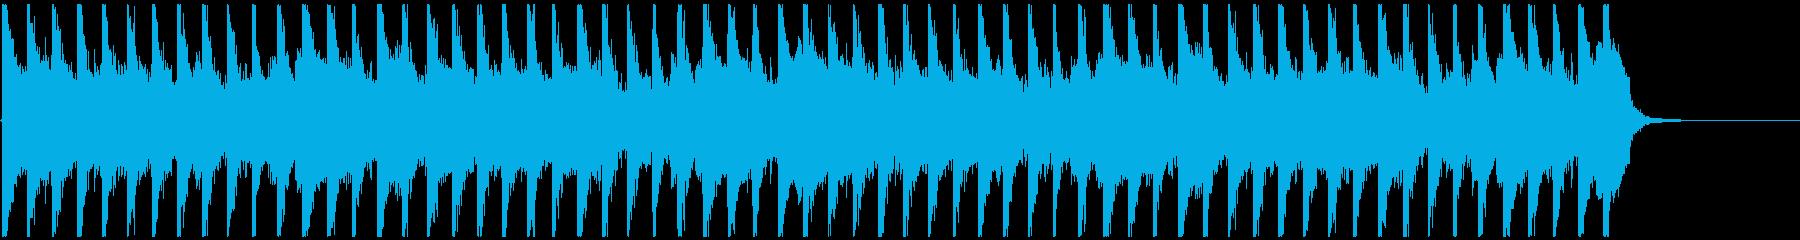 コーポレートに!洋楽・かわいい・楽しいSの再生済みの波形